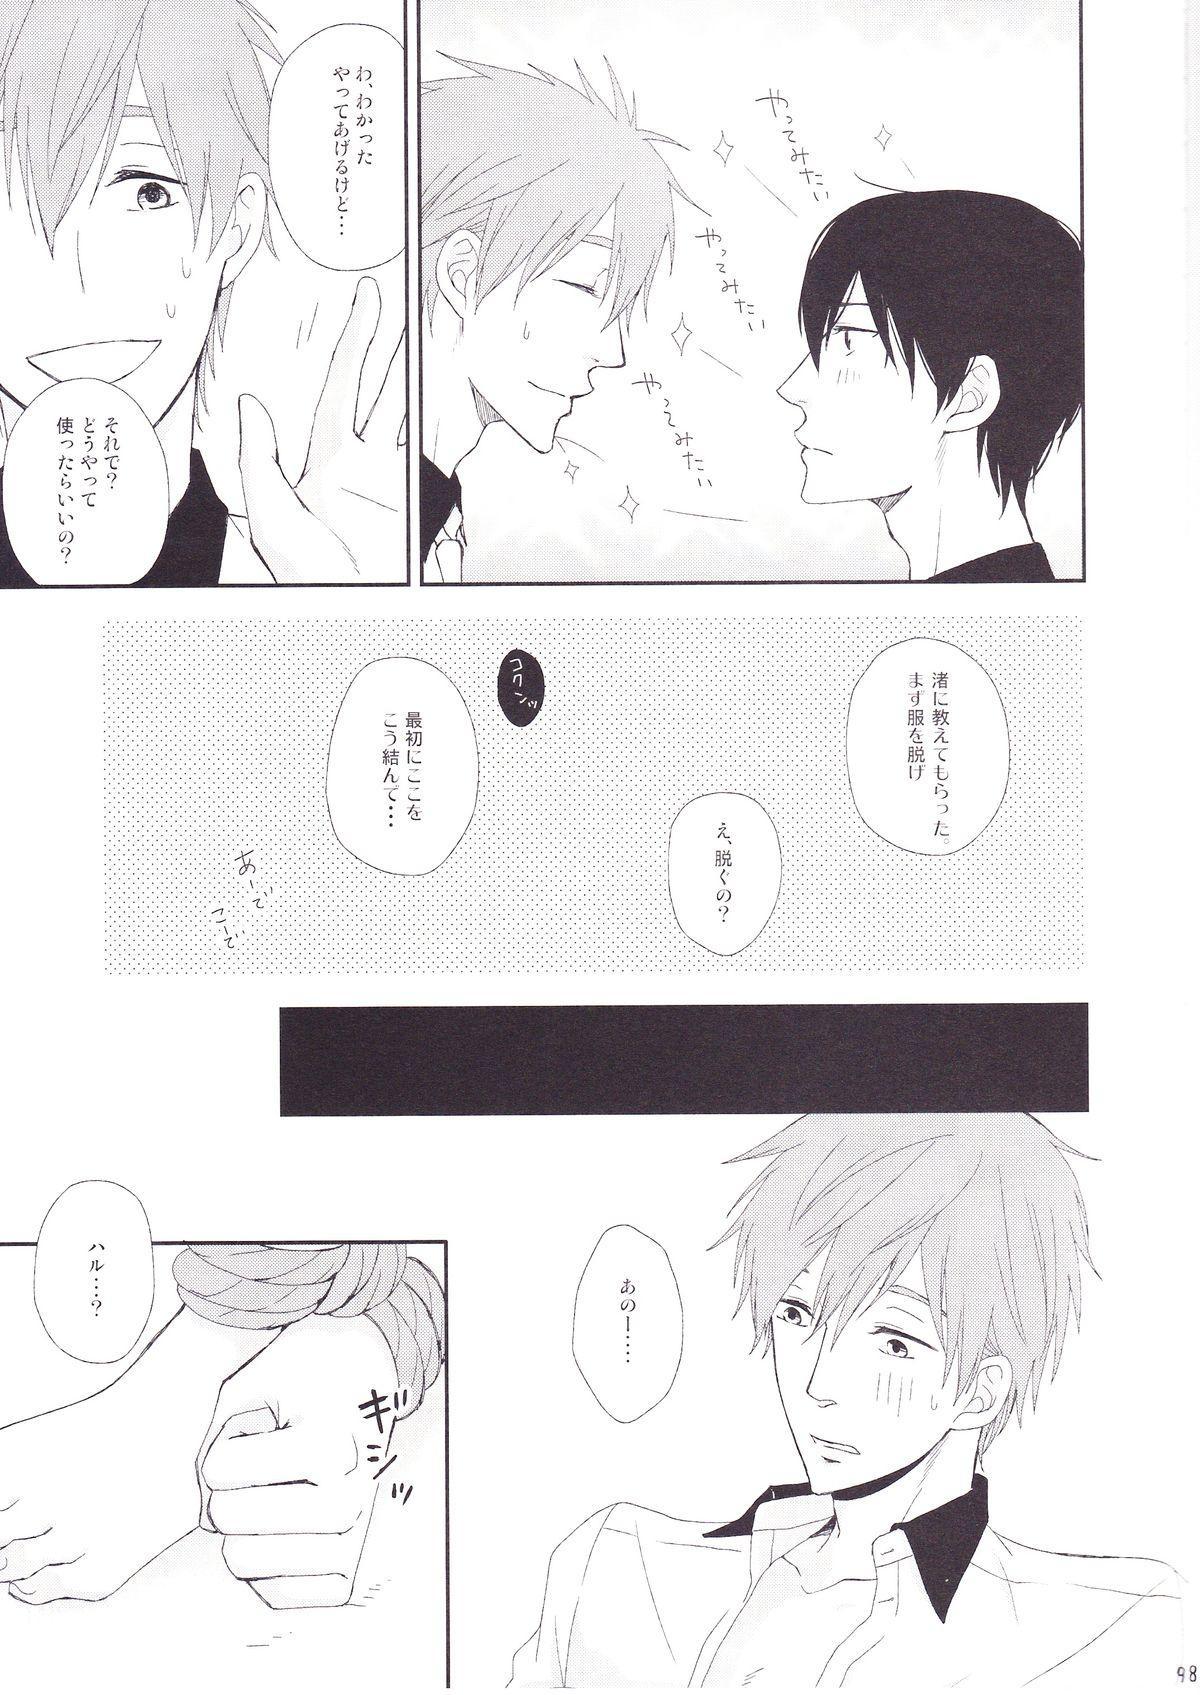 Koi no nawa shikakemashou 8